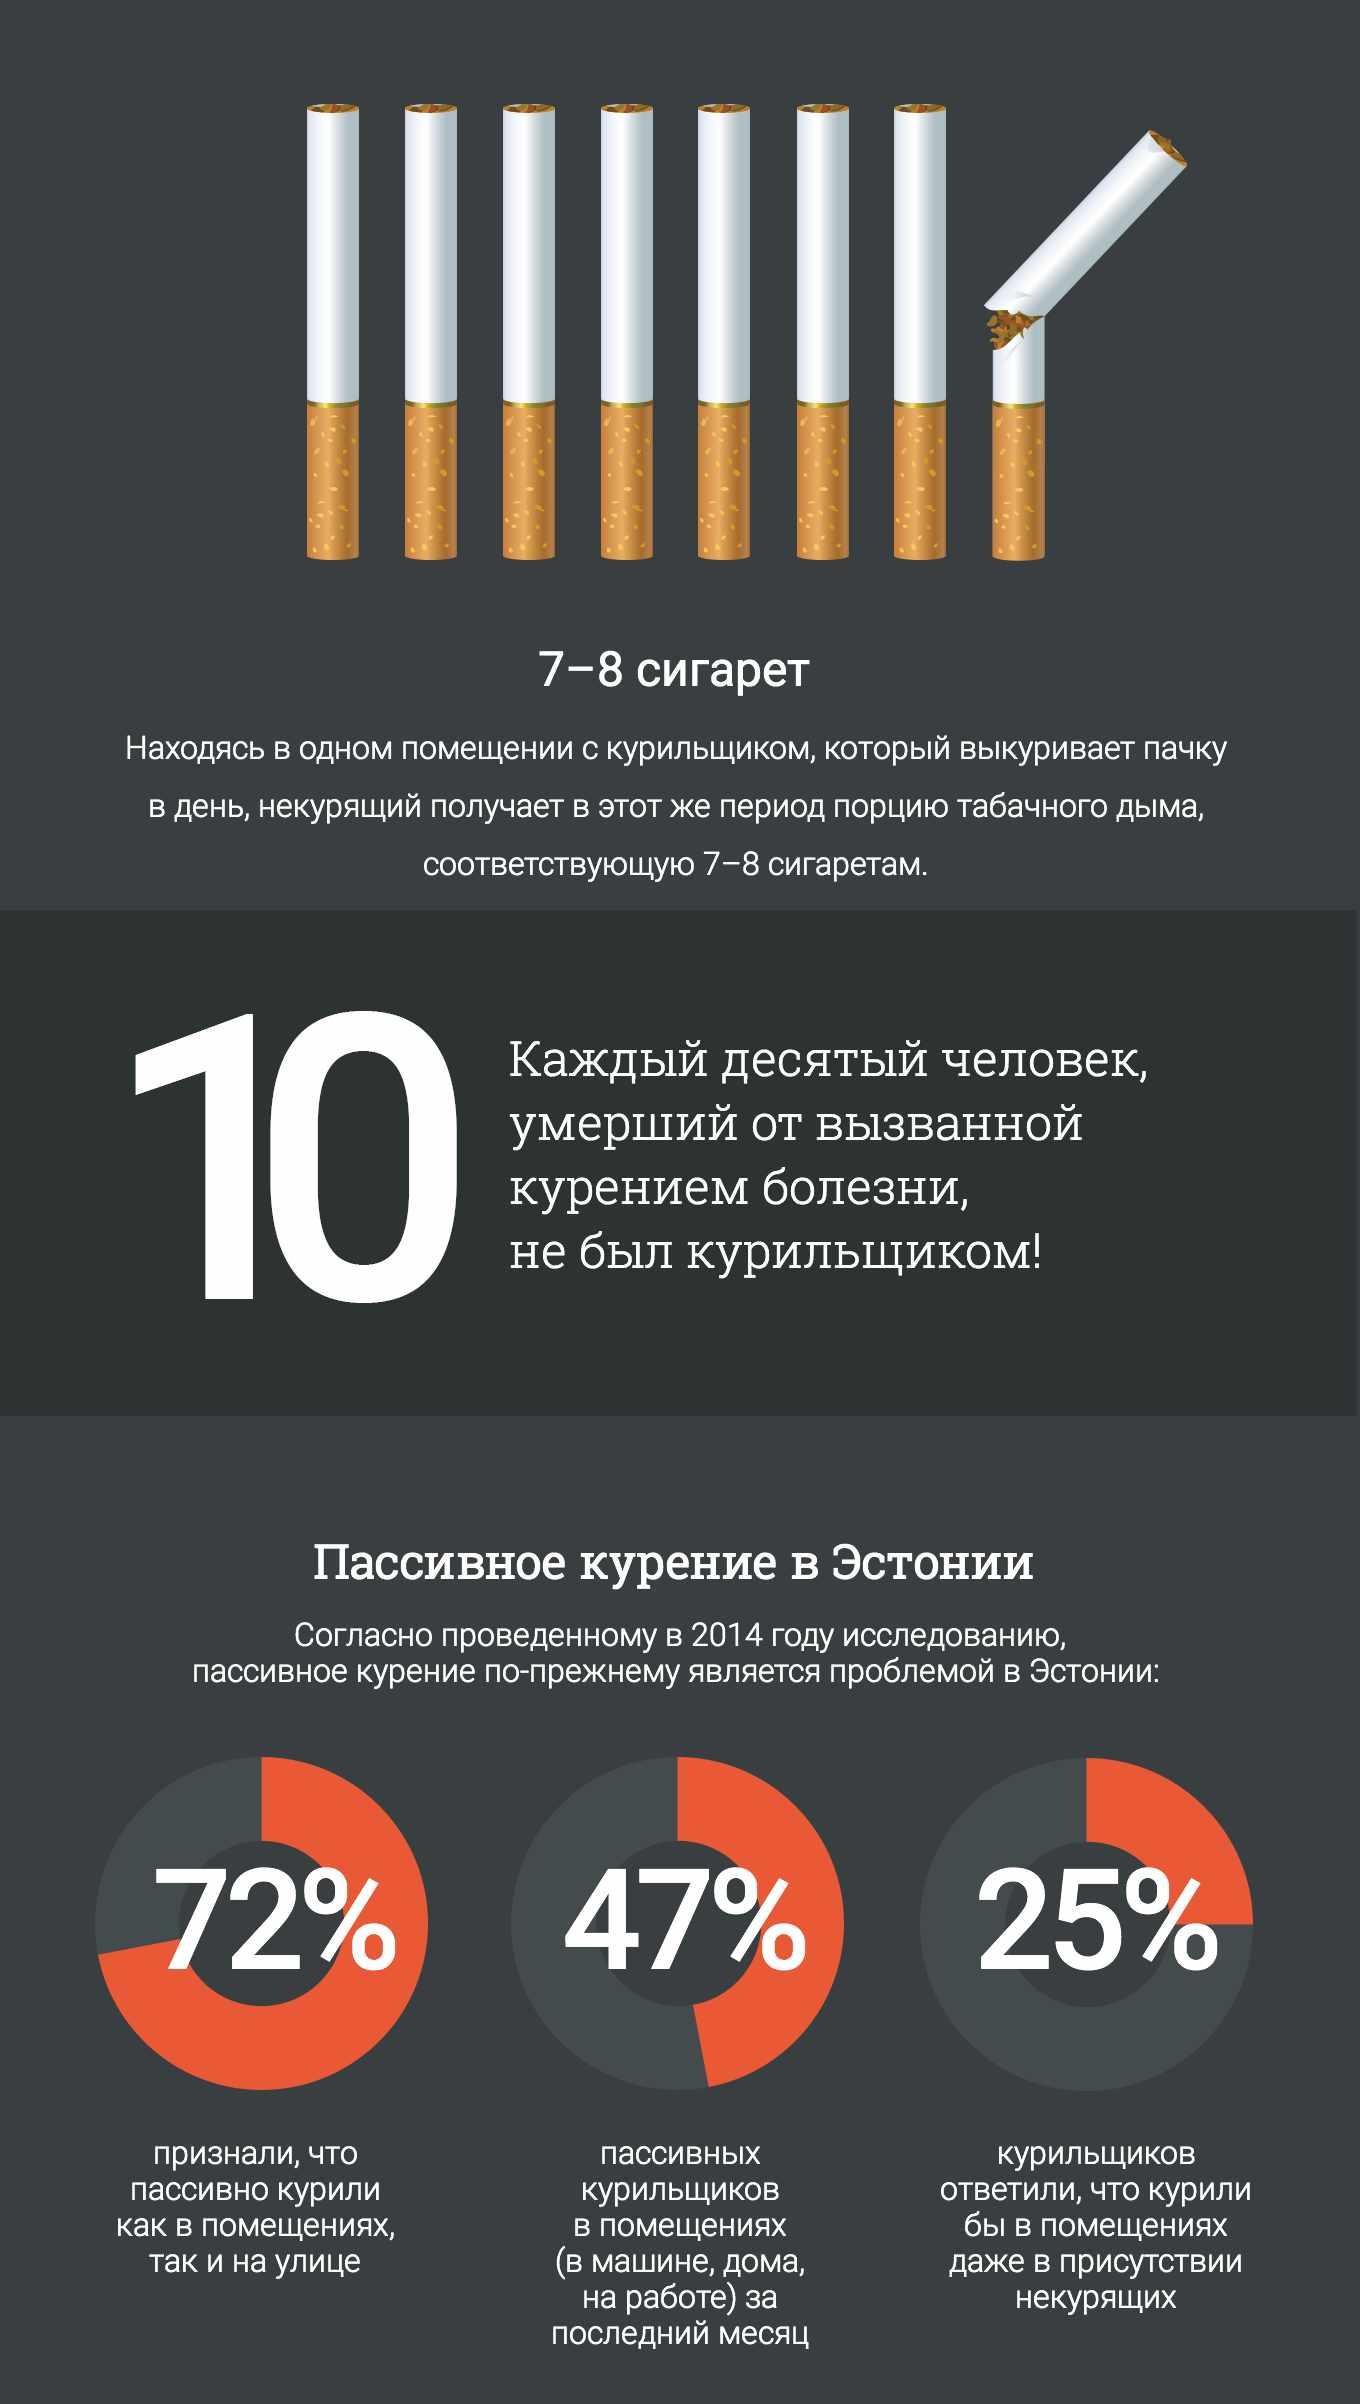 illu02_ru